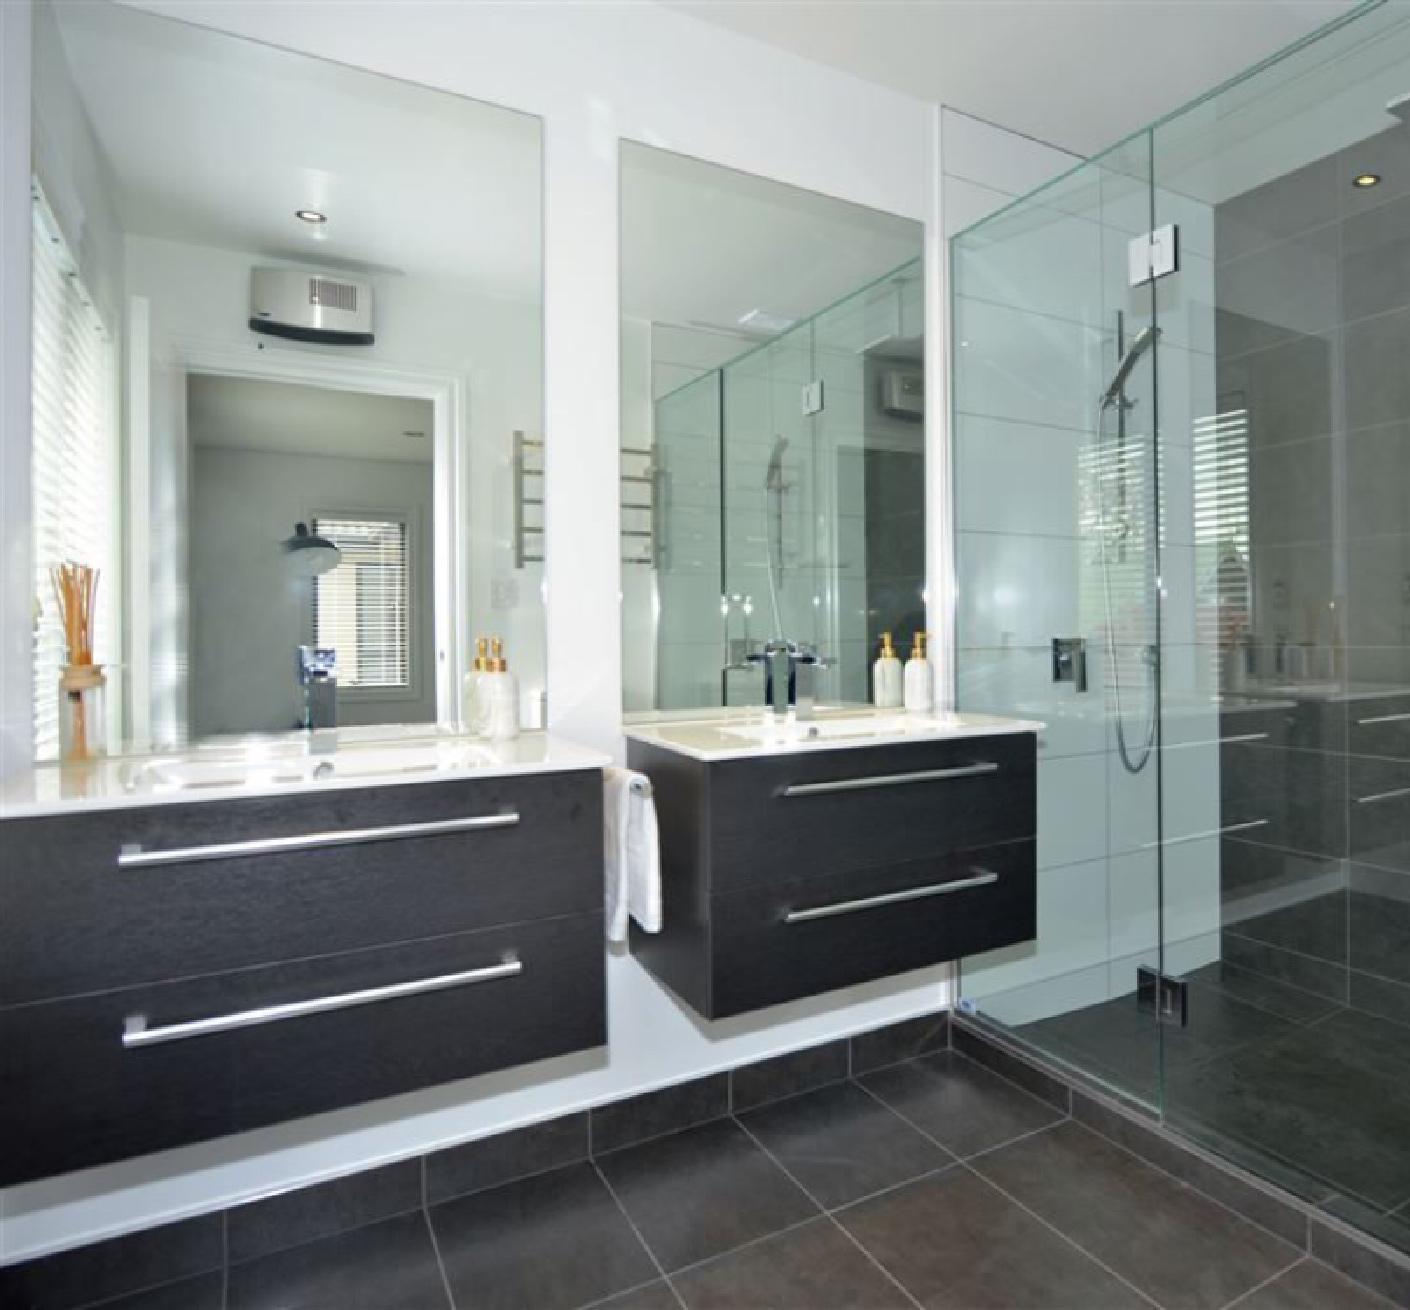 Bathroom Vanities Christchurch: Mirrors Bathroom Vanity Shower